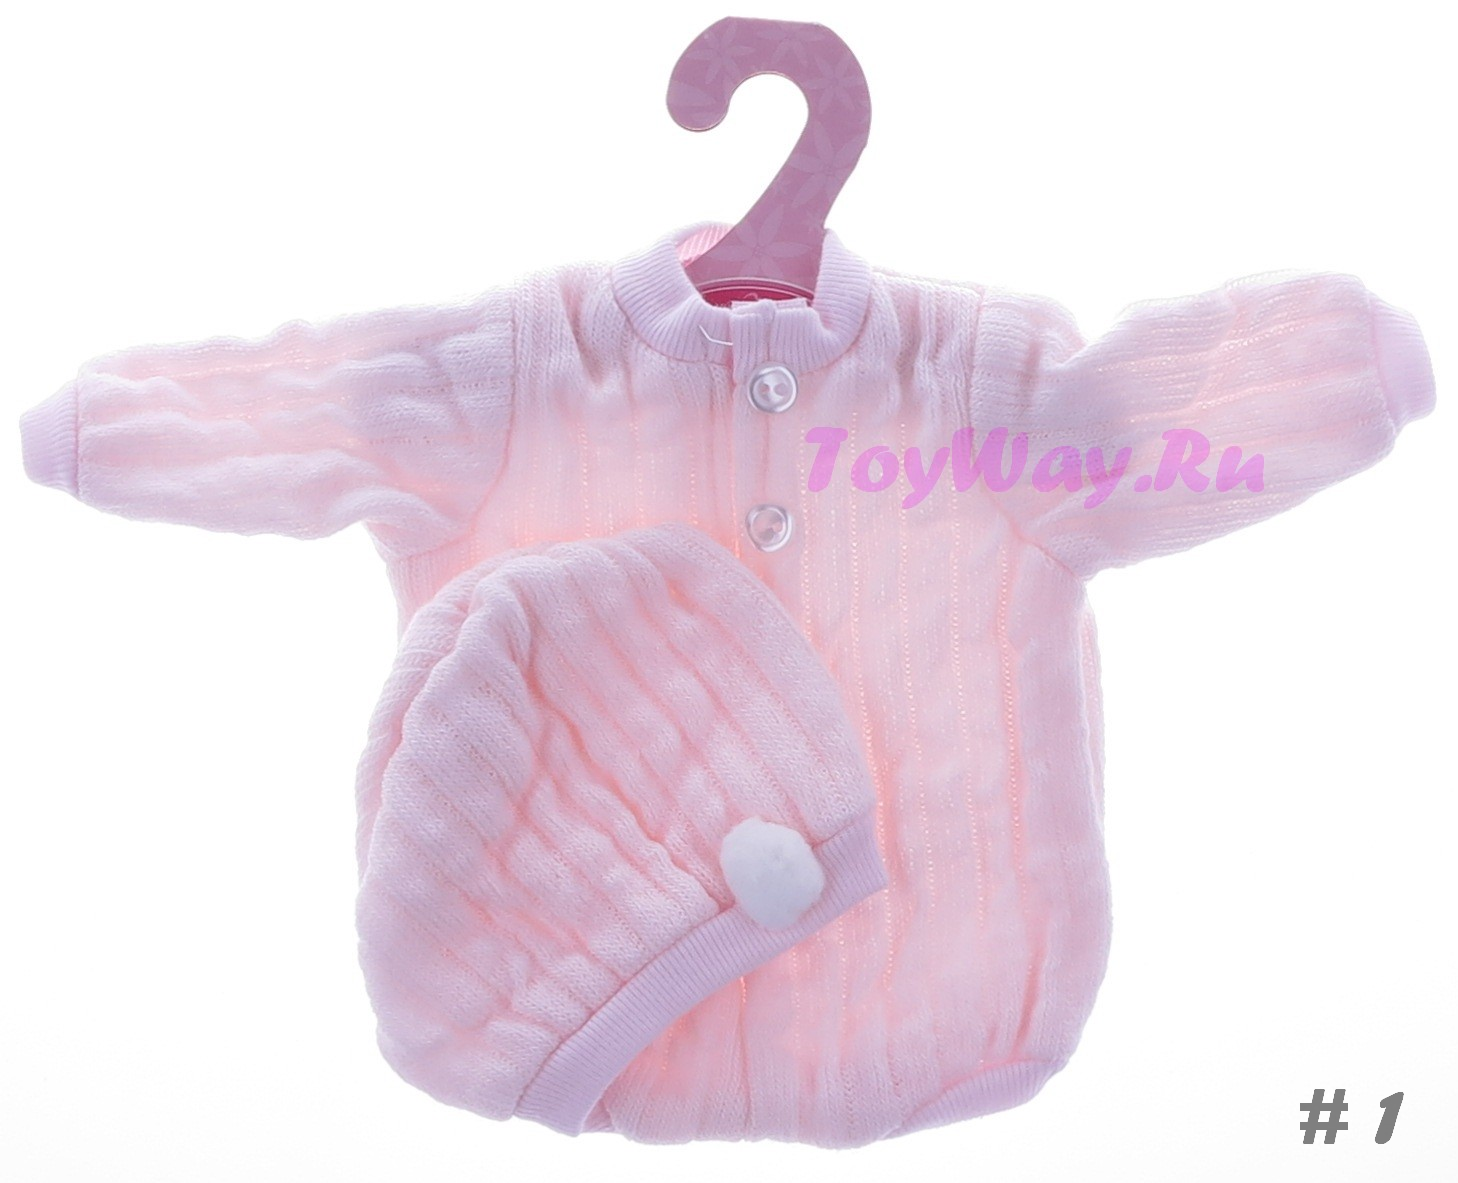 Комплект одежды для кукол высотой 33см.Куклы Антонио Хуан (Antonio Juan Munecas)<br>Комплект одежды для кукол высотой 33см.<br>